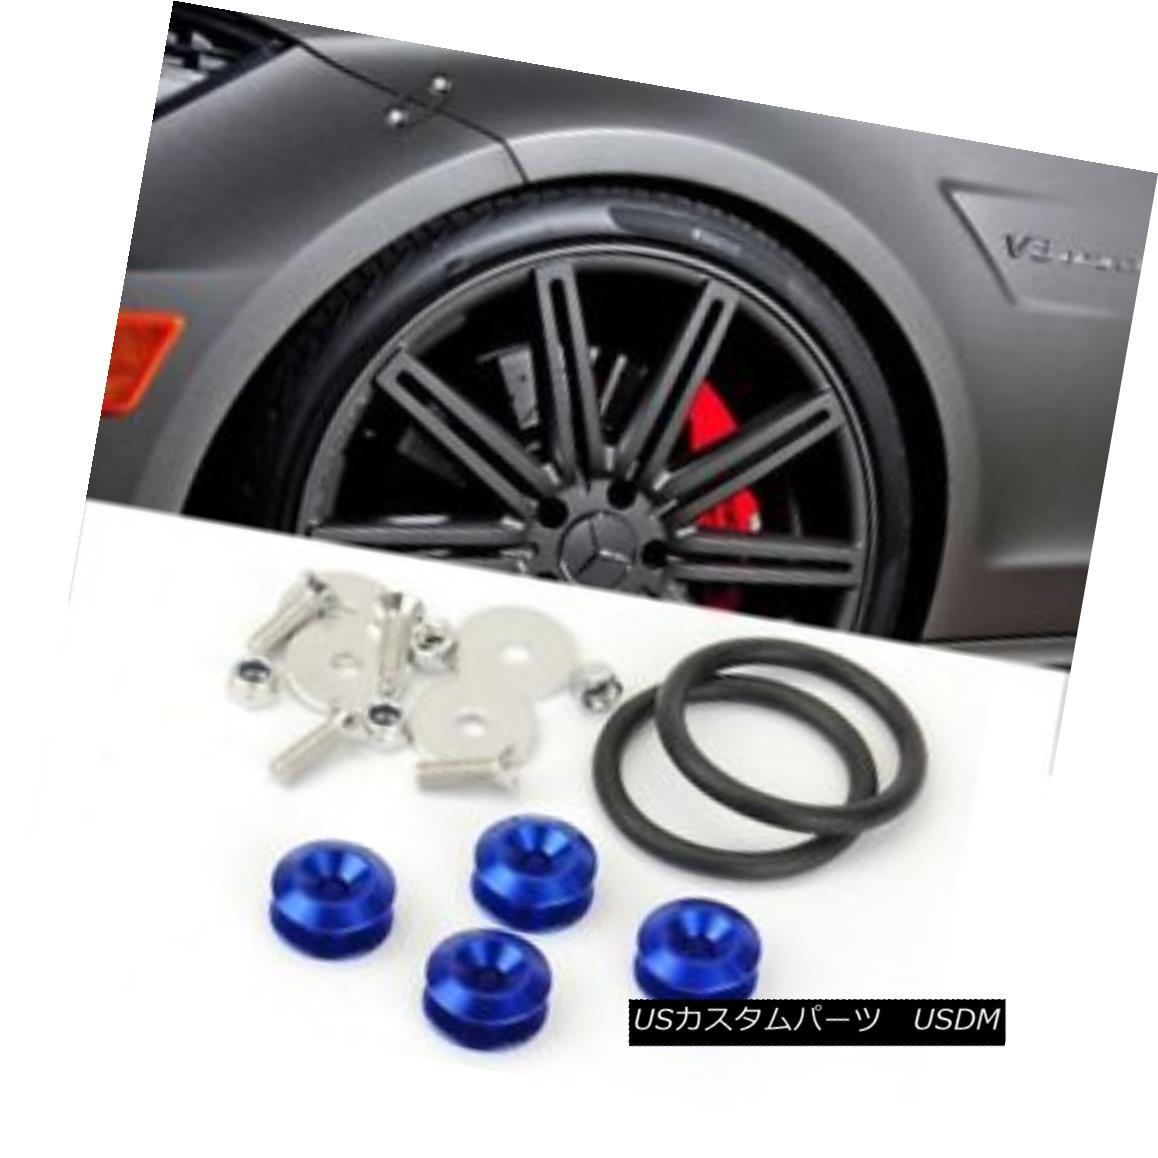 エアロパーツ JDM Racing Blue Bolt on Fast Quick Release Secure Kit For Front Rear Bumper Lip JDMレーシング・ブルー・ボルト(速いクイックリリース)フロント・リア・バンパー・リップ用の安全なキット